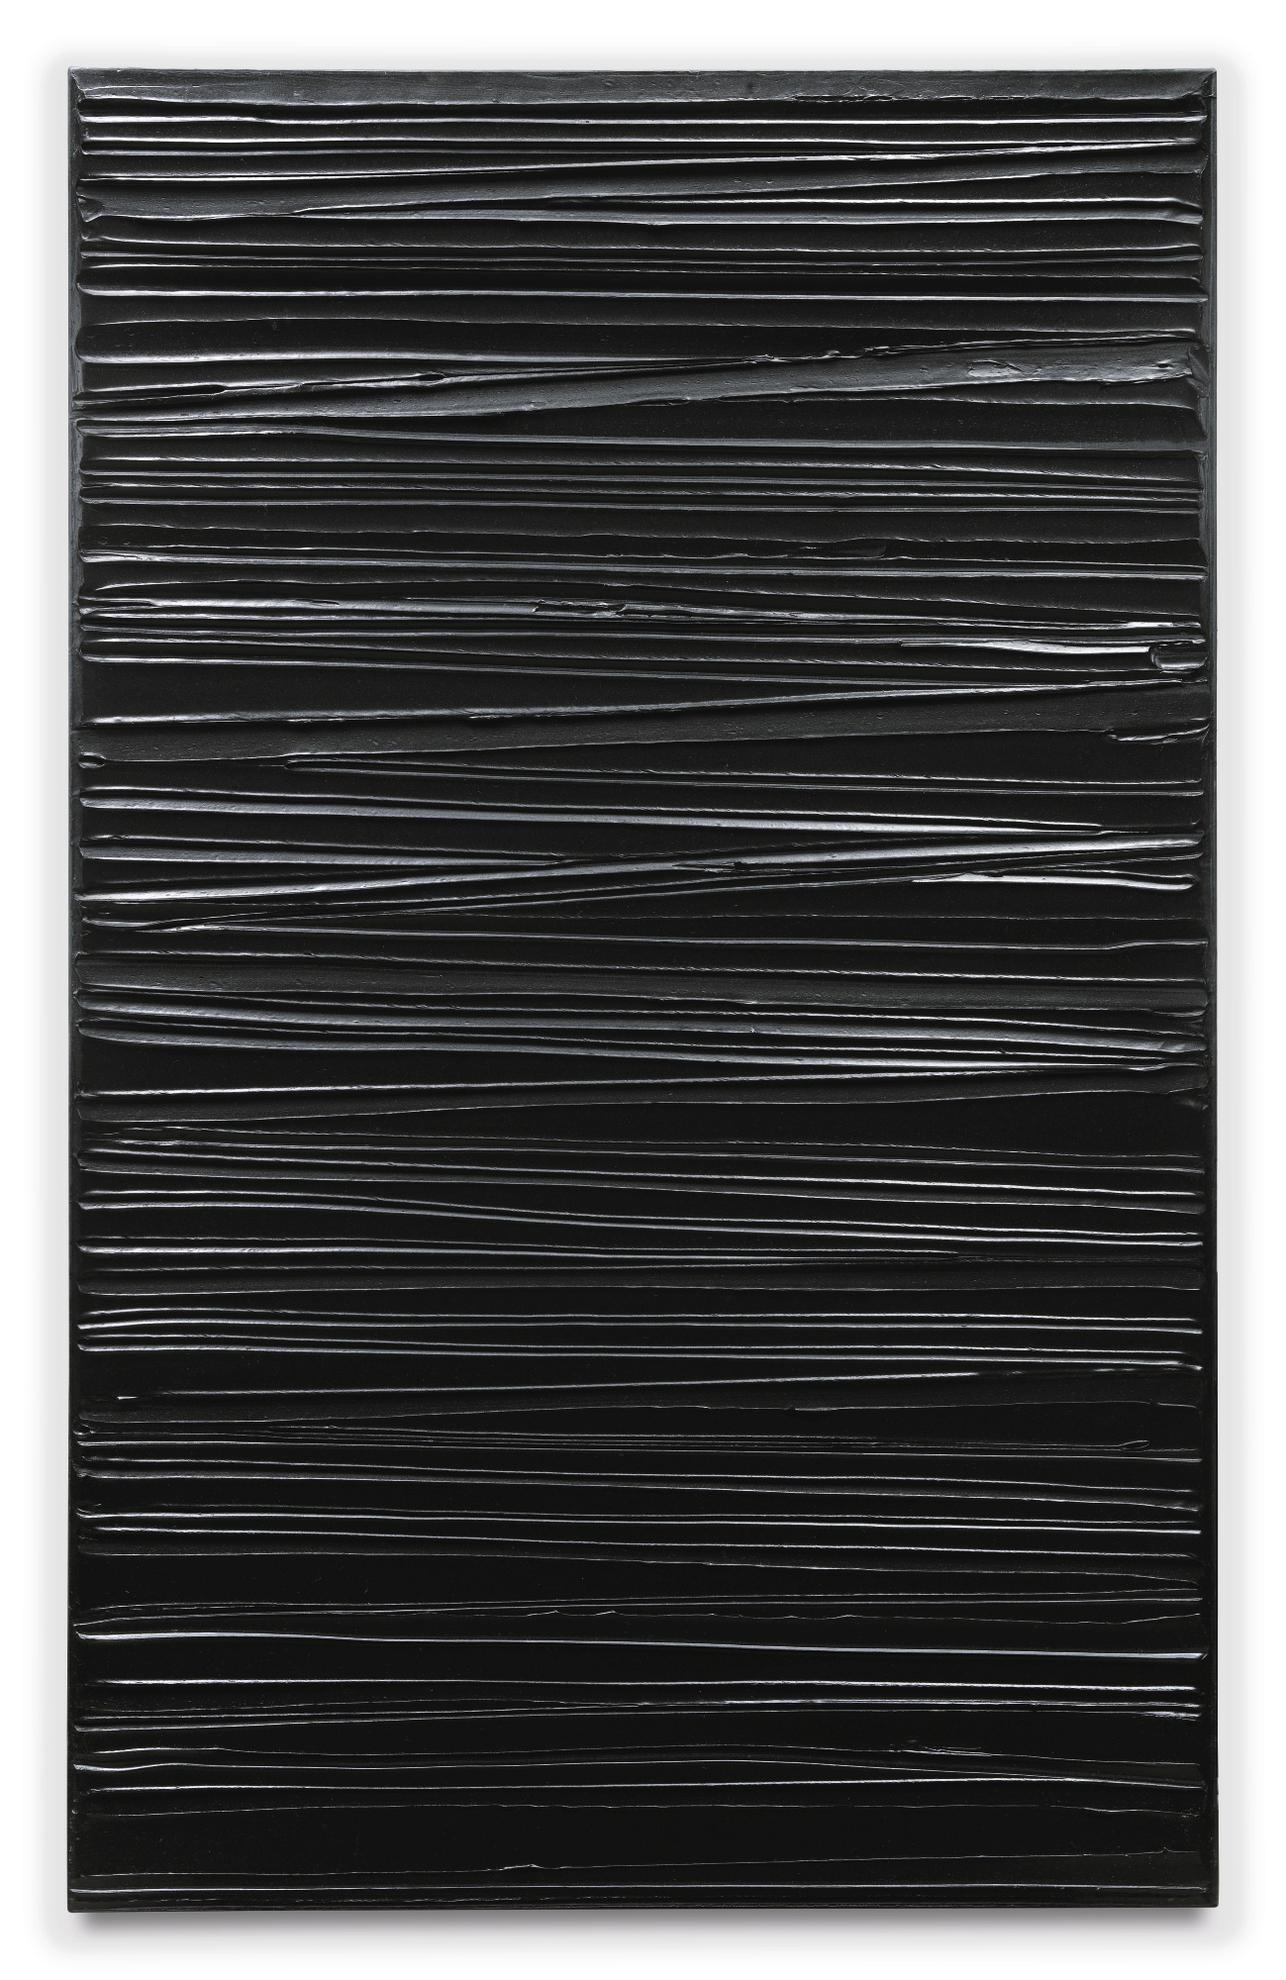 Pierre Soulages-Peinture 130 X 81 Cm, 20 Mars 2004-2004